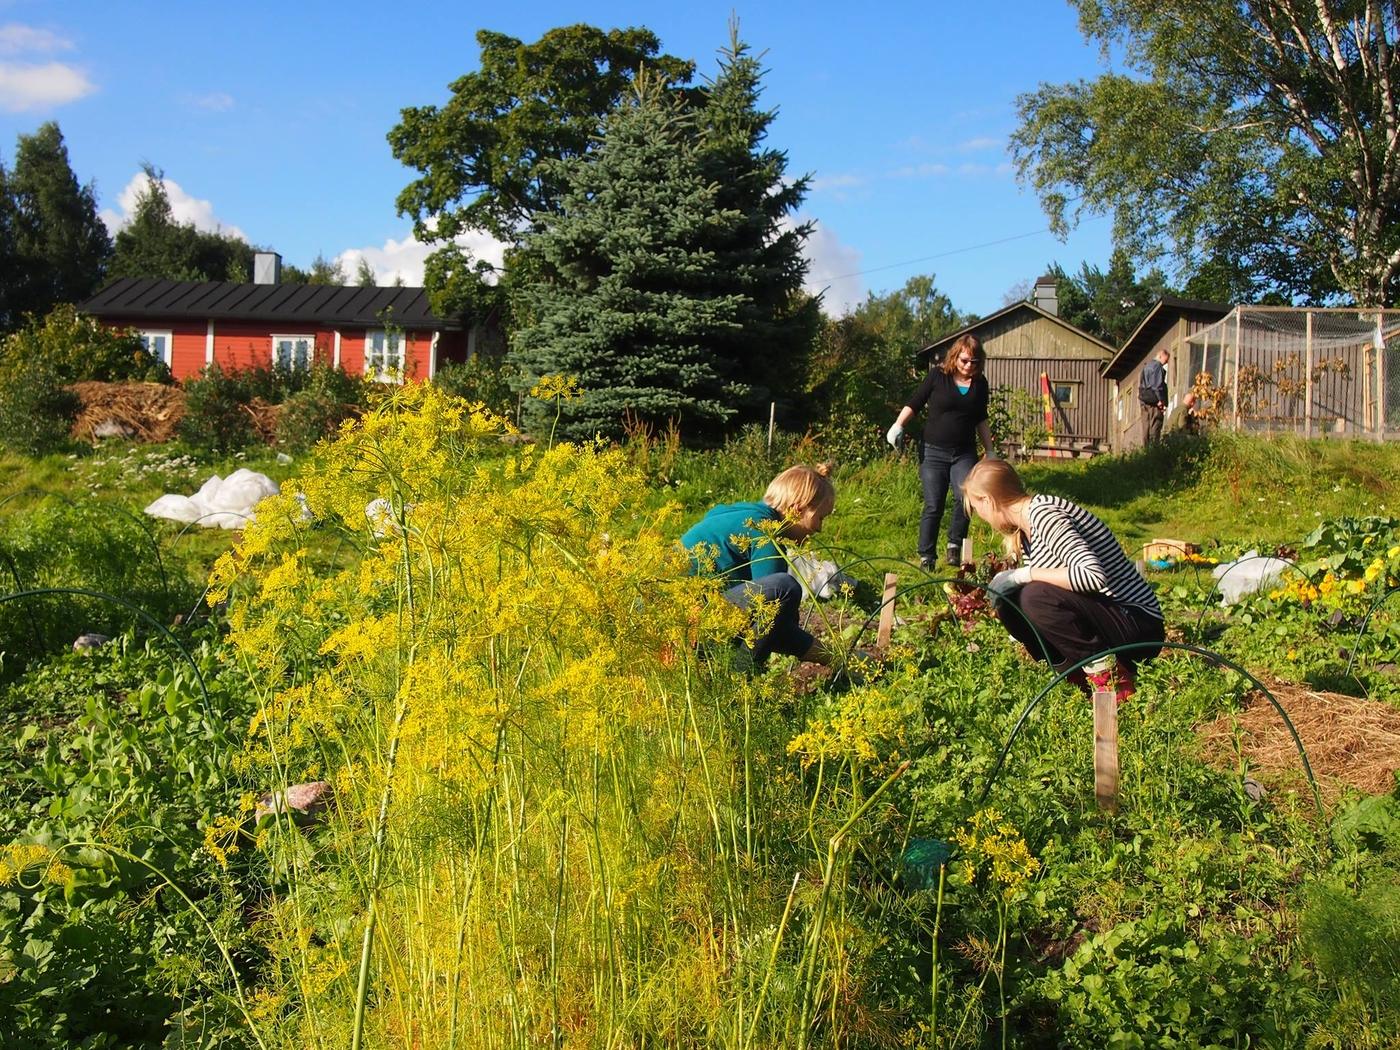 MENOVINKKI: Syötävä Puisto – mikä se on?